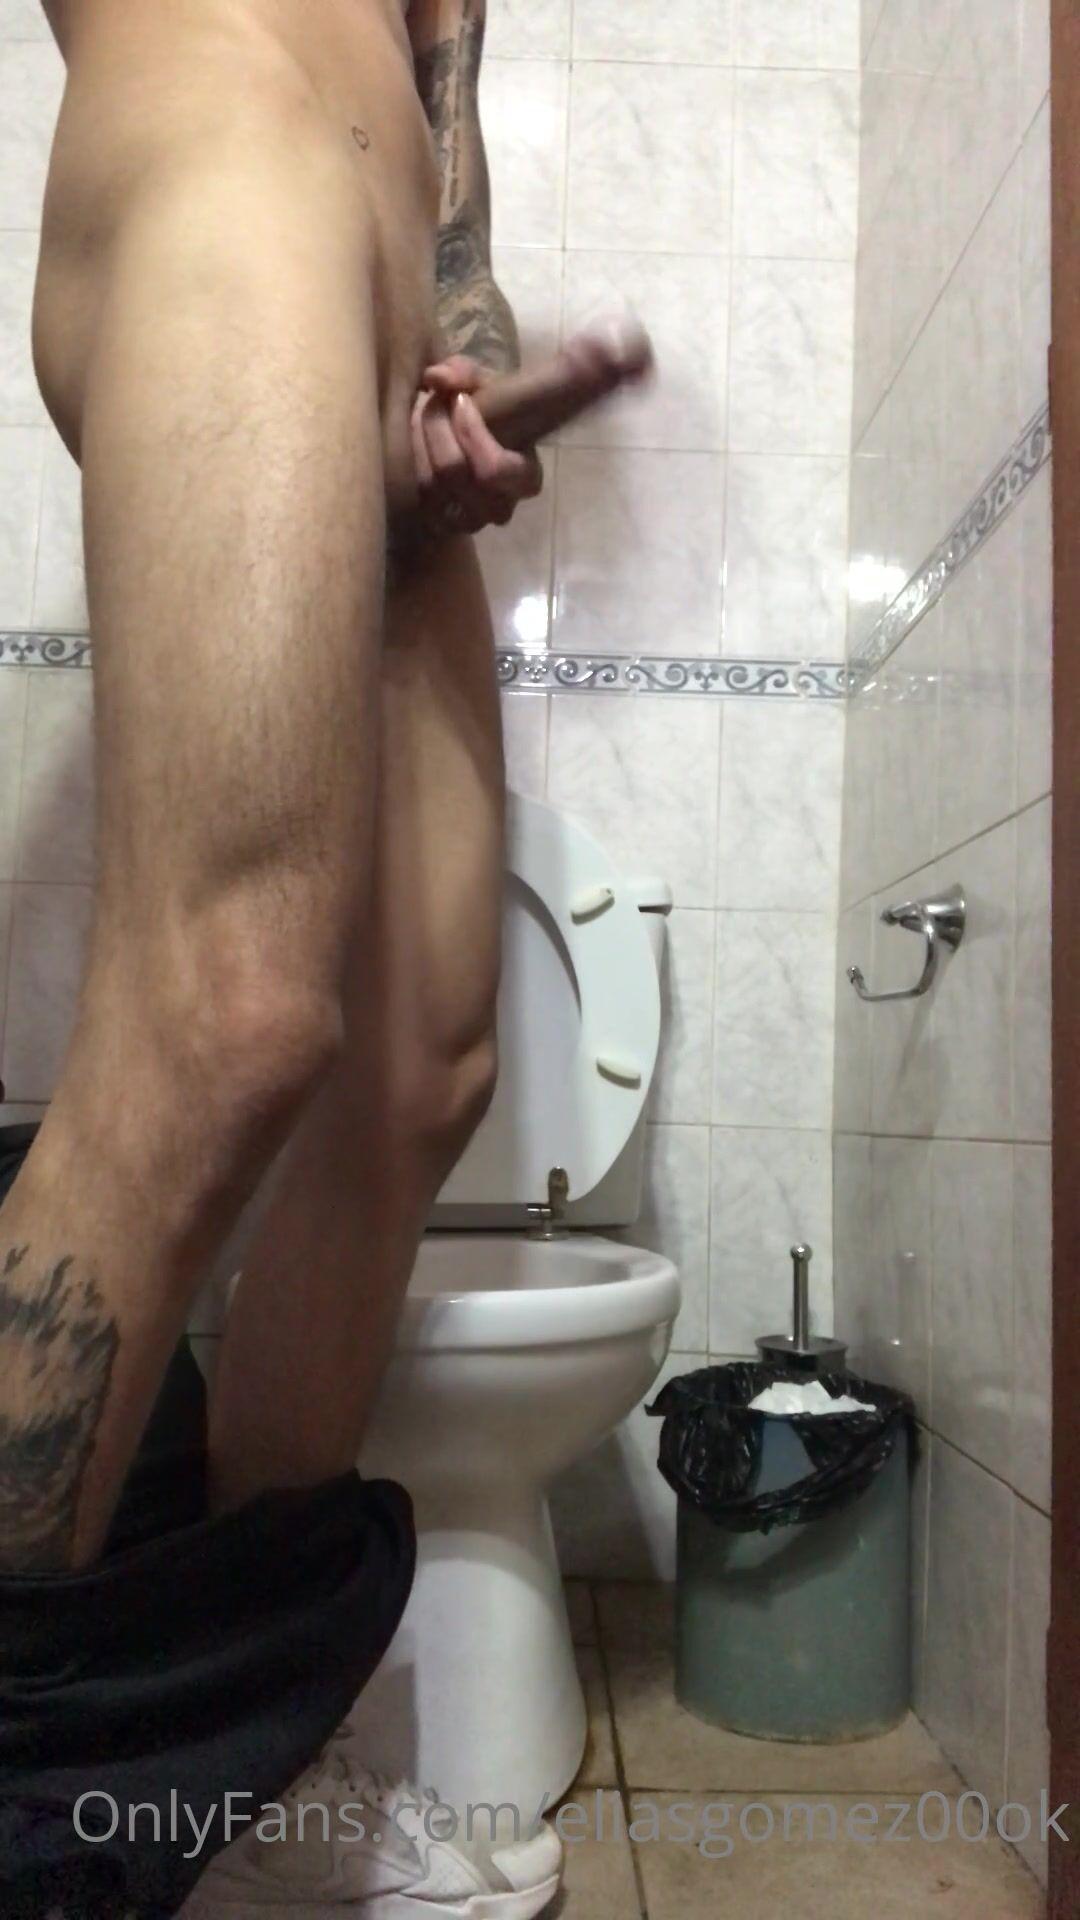 eliasgomez00ok free porn videos (62)